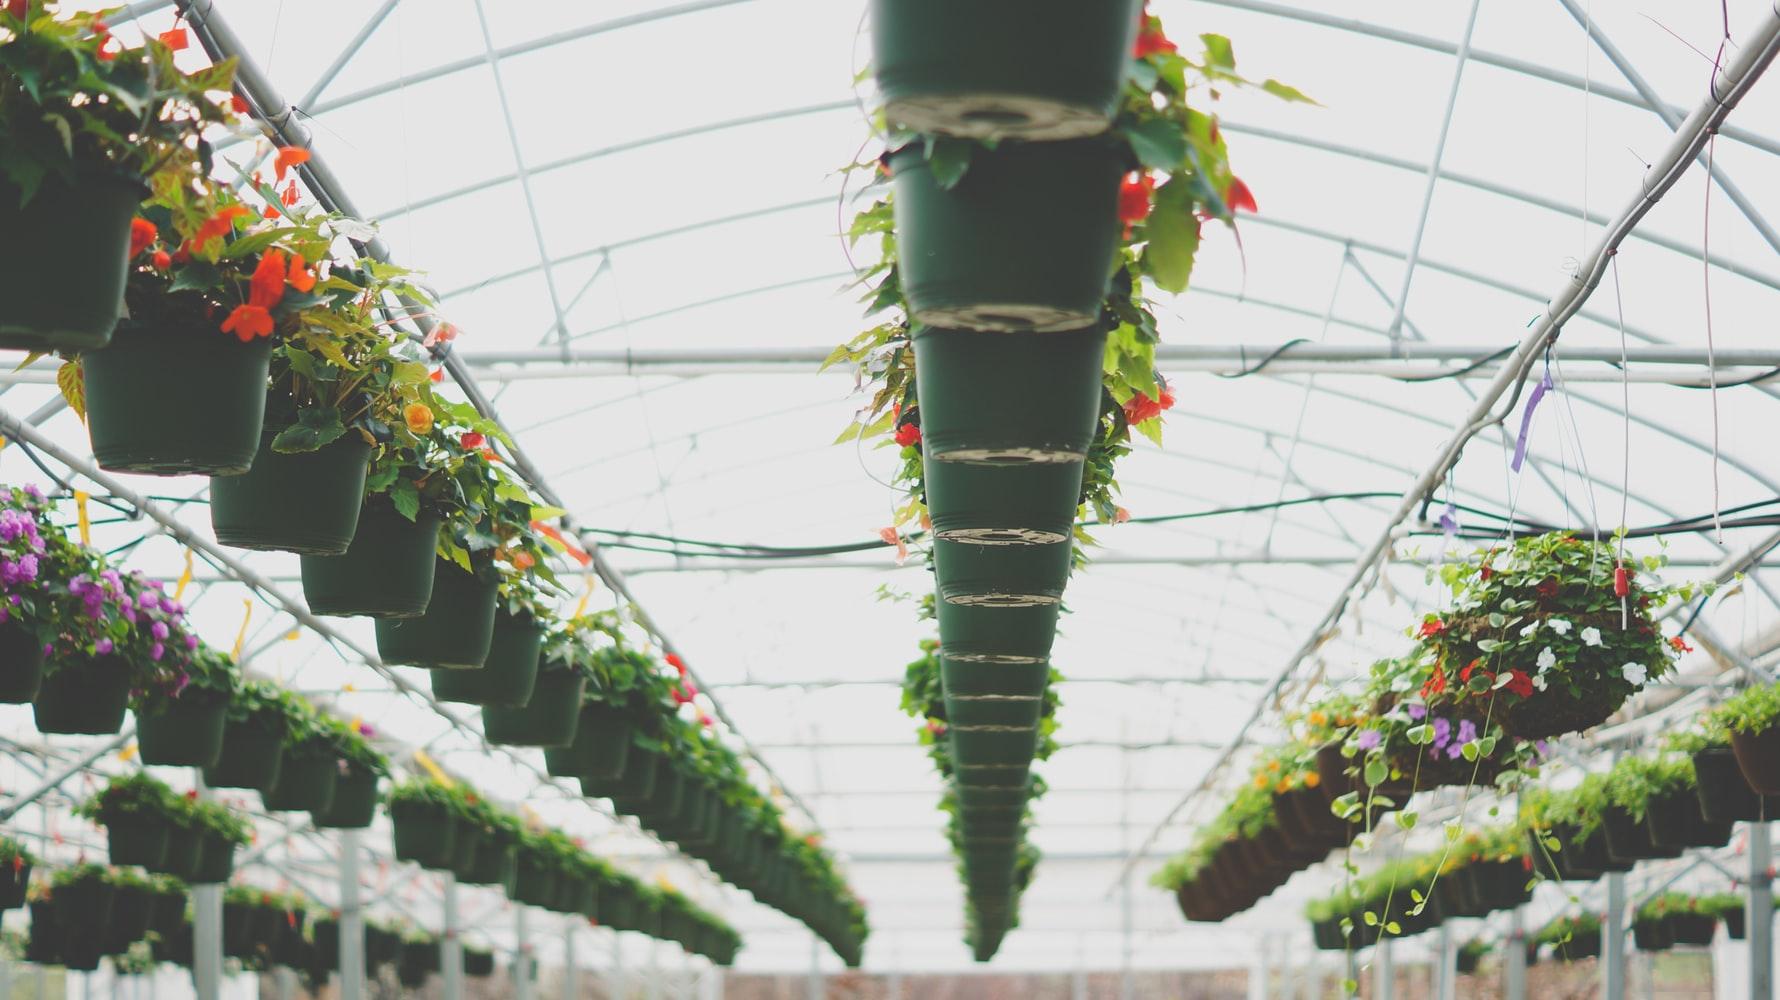 Indoor Green House